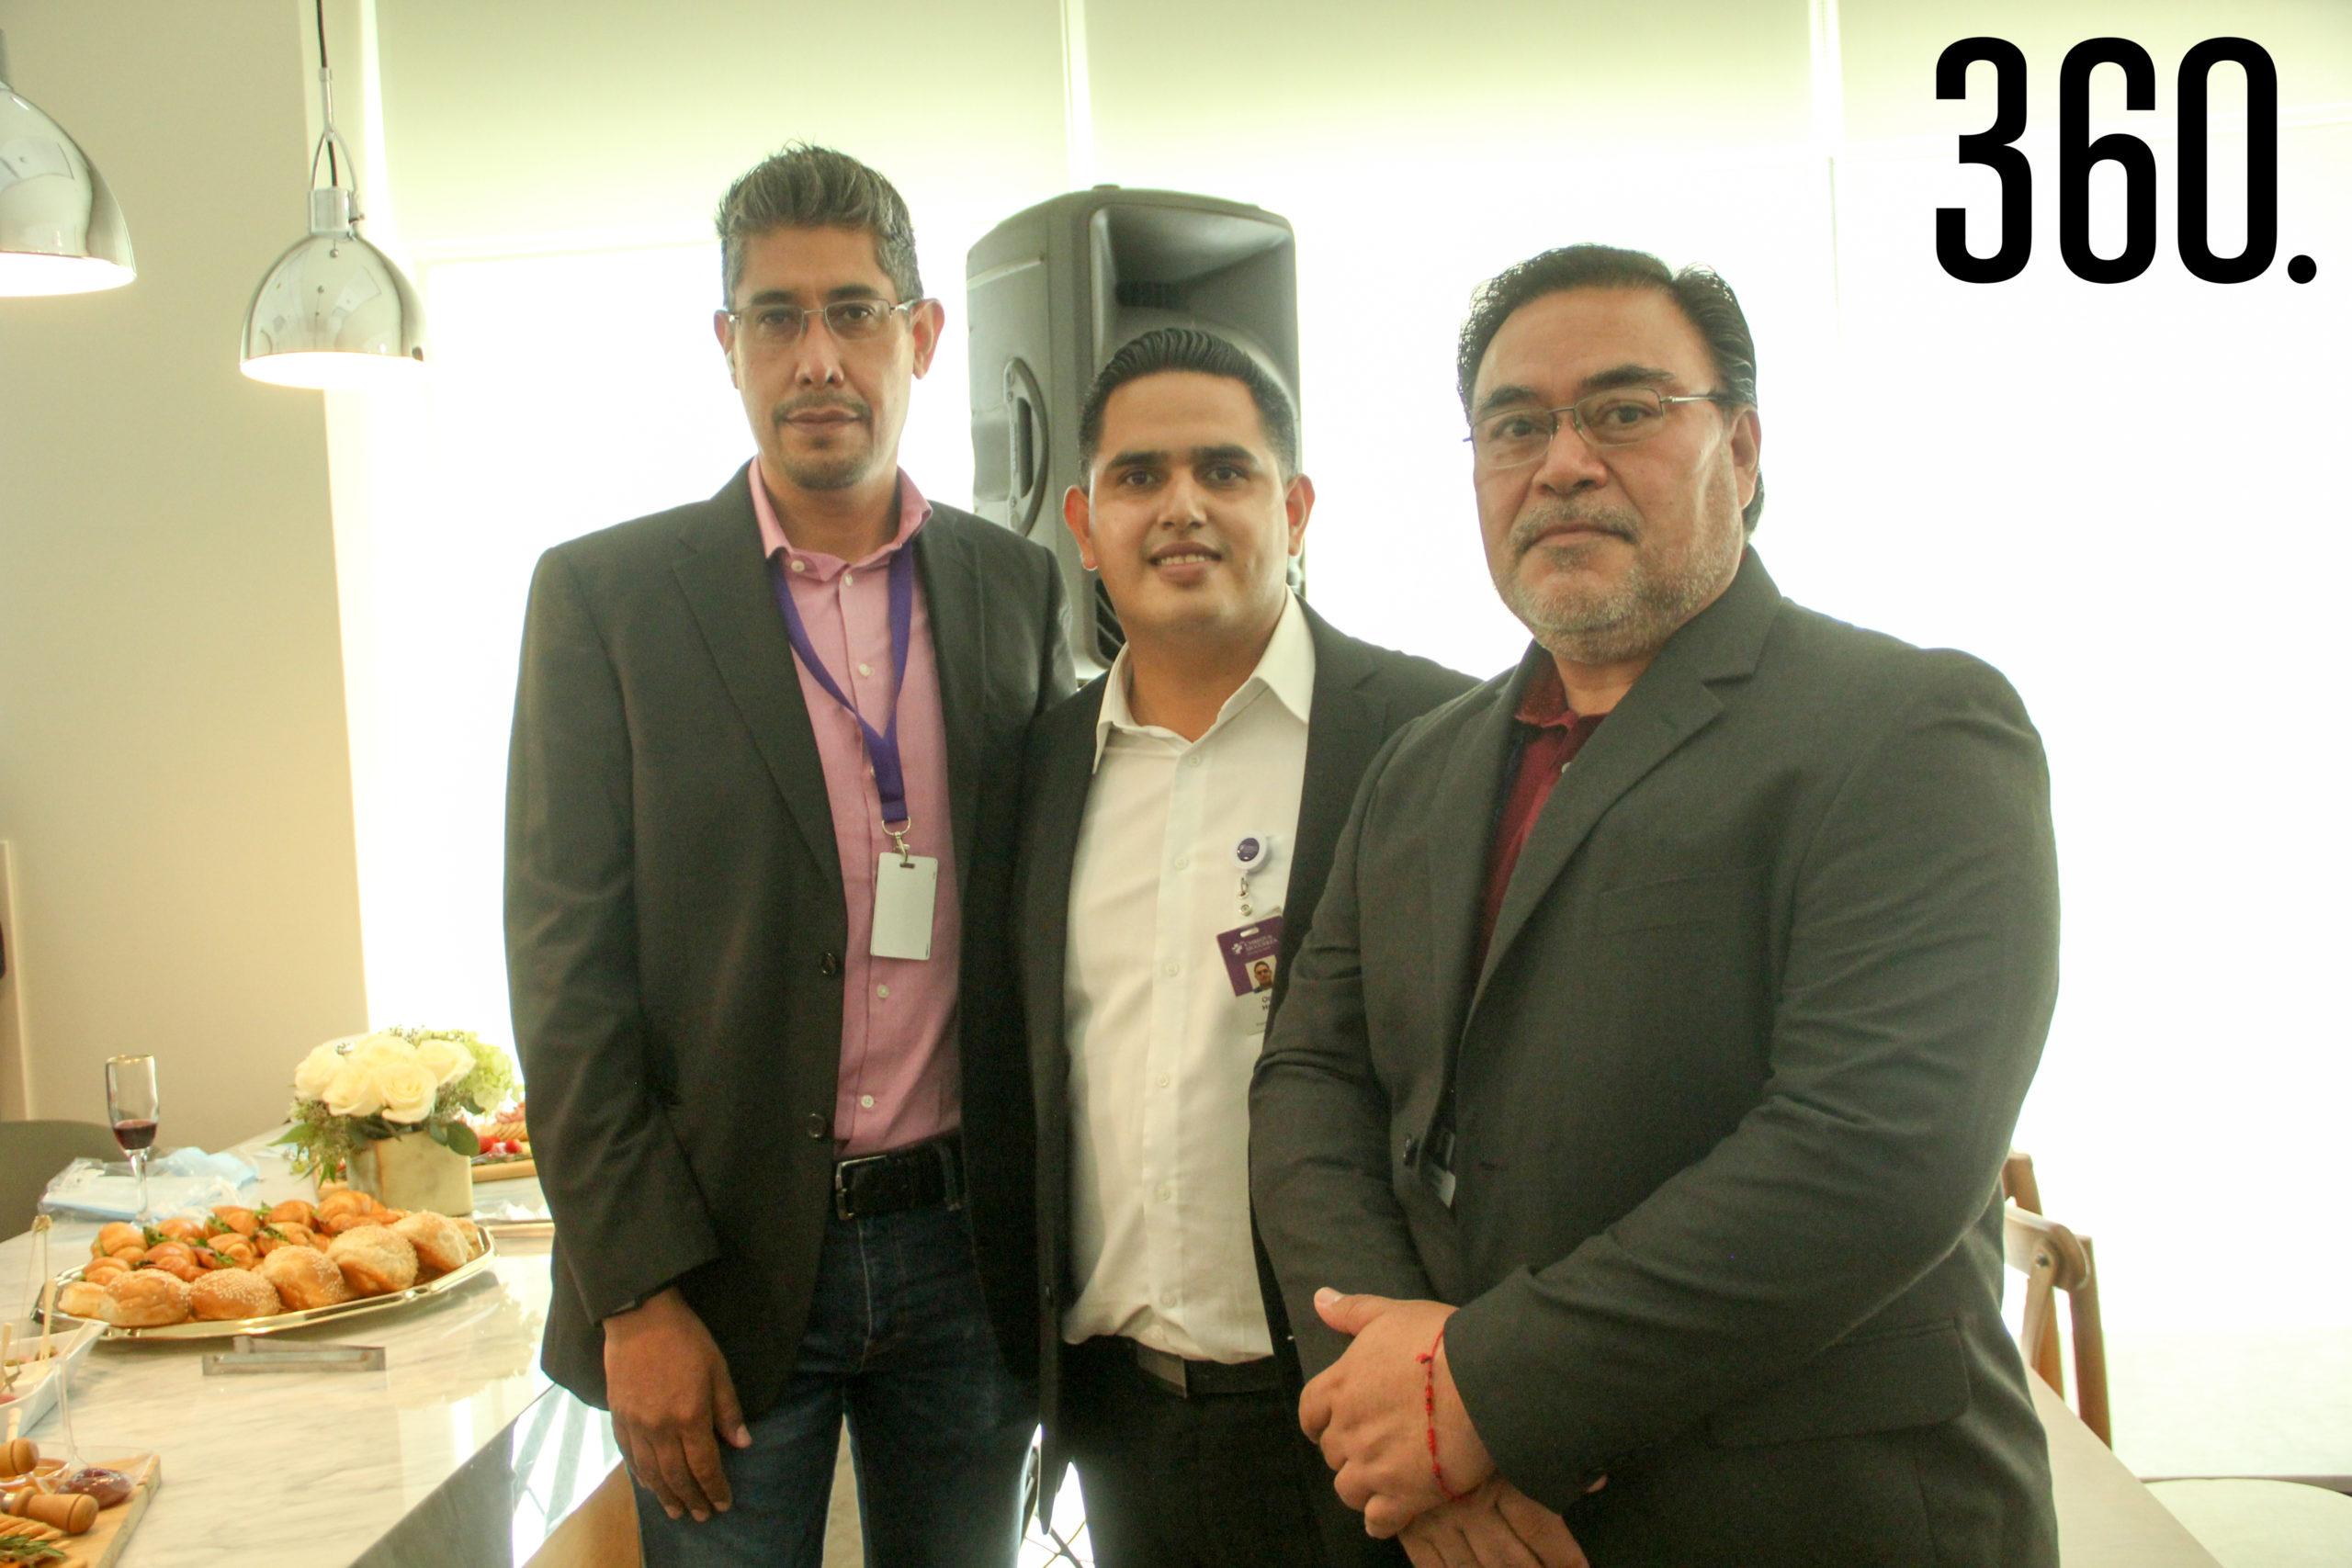 Antonio Sánchez, Omar Huerta y Adrián Vargas.